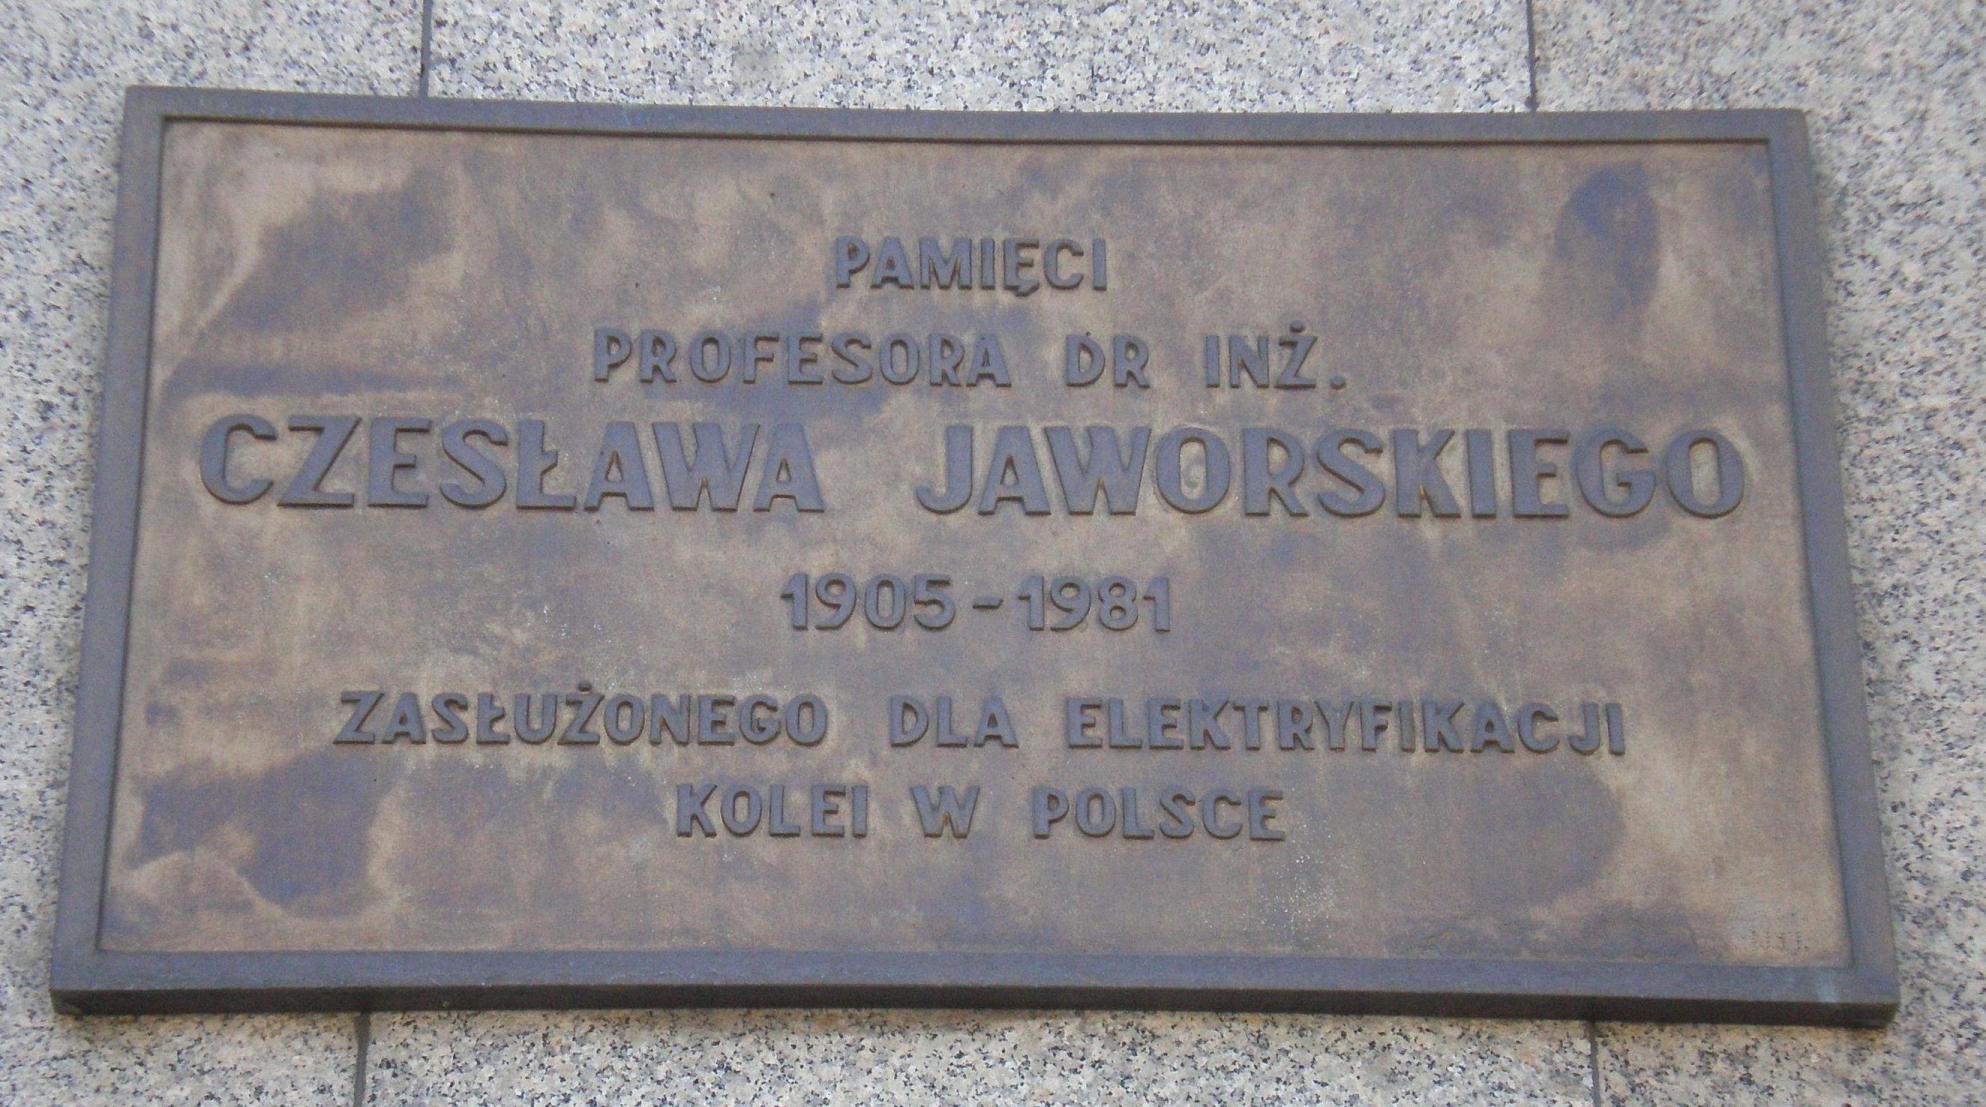 Czesław Jaworski (inżynier)